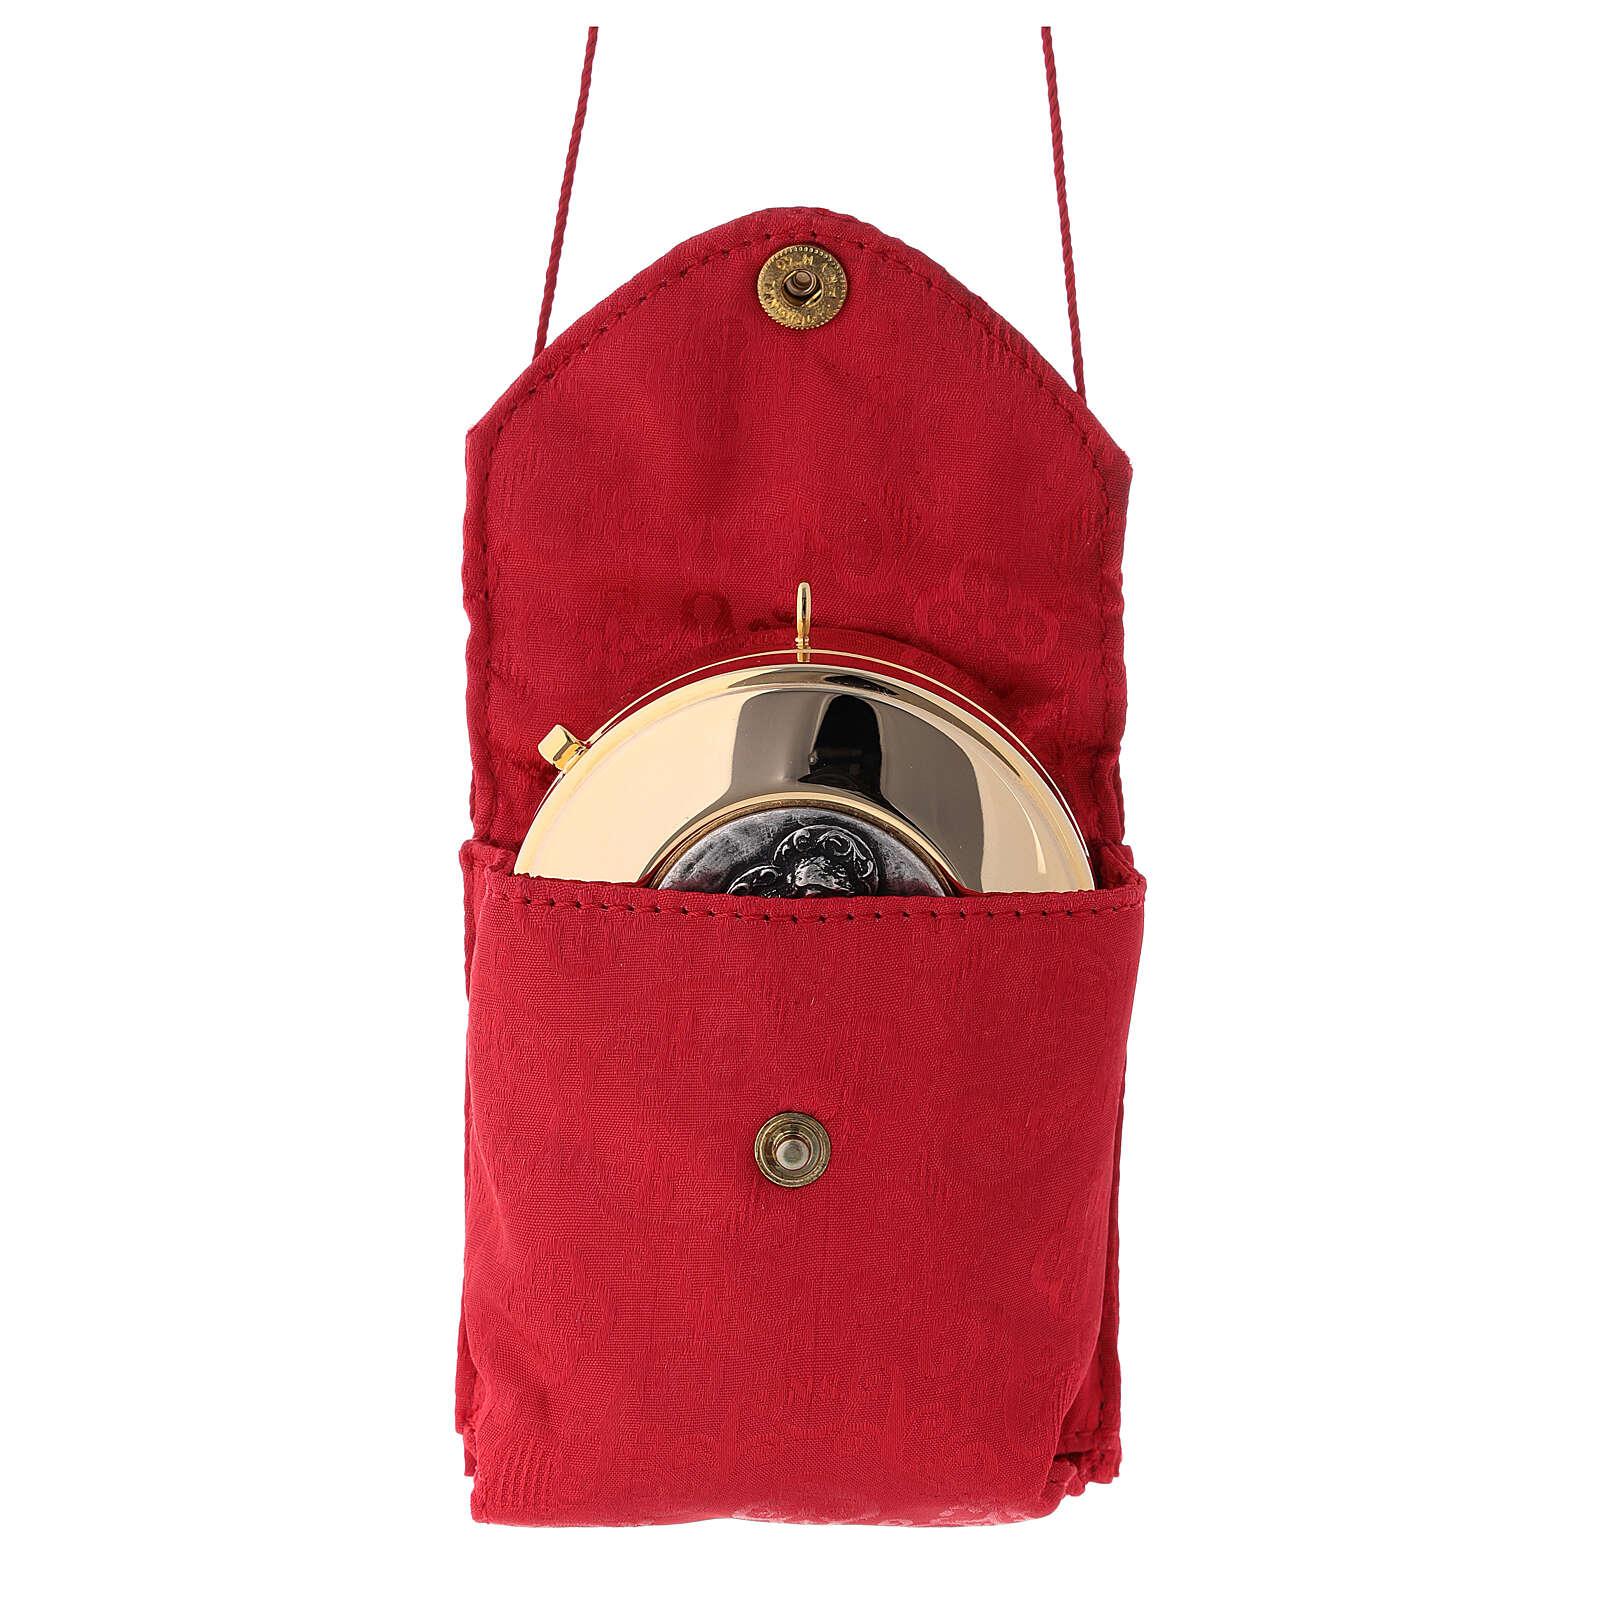 Estuche jacquard rojo relicario para hostias latón dorado Sagrada Familia 3